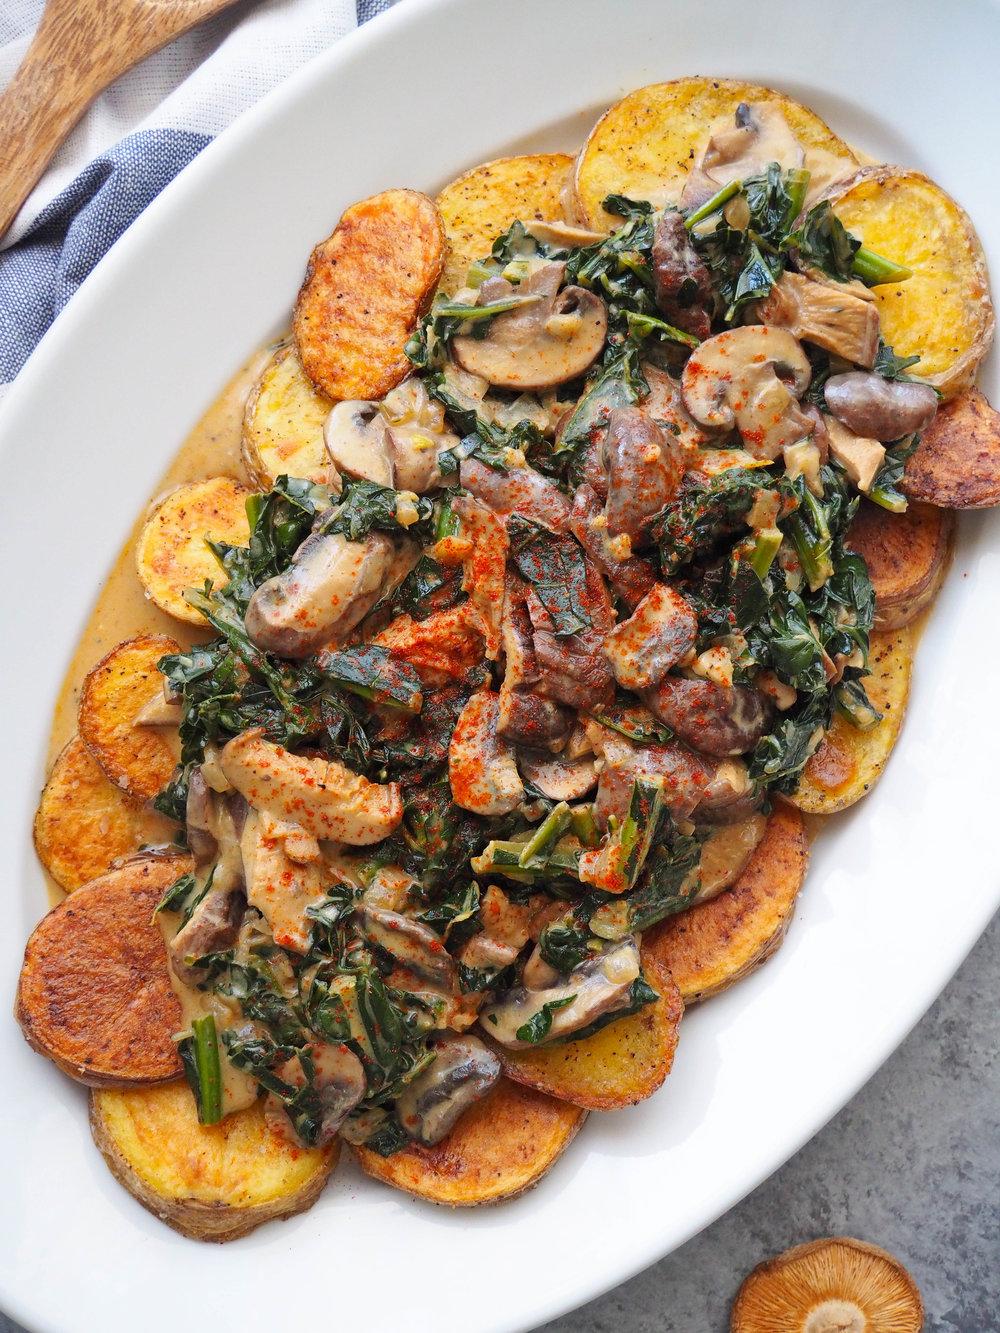 kale-and-mushroom-stroganoff-6.jpg